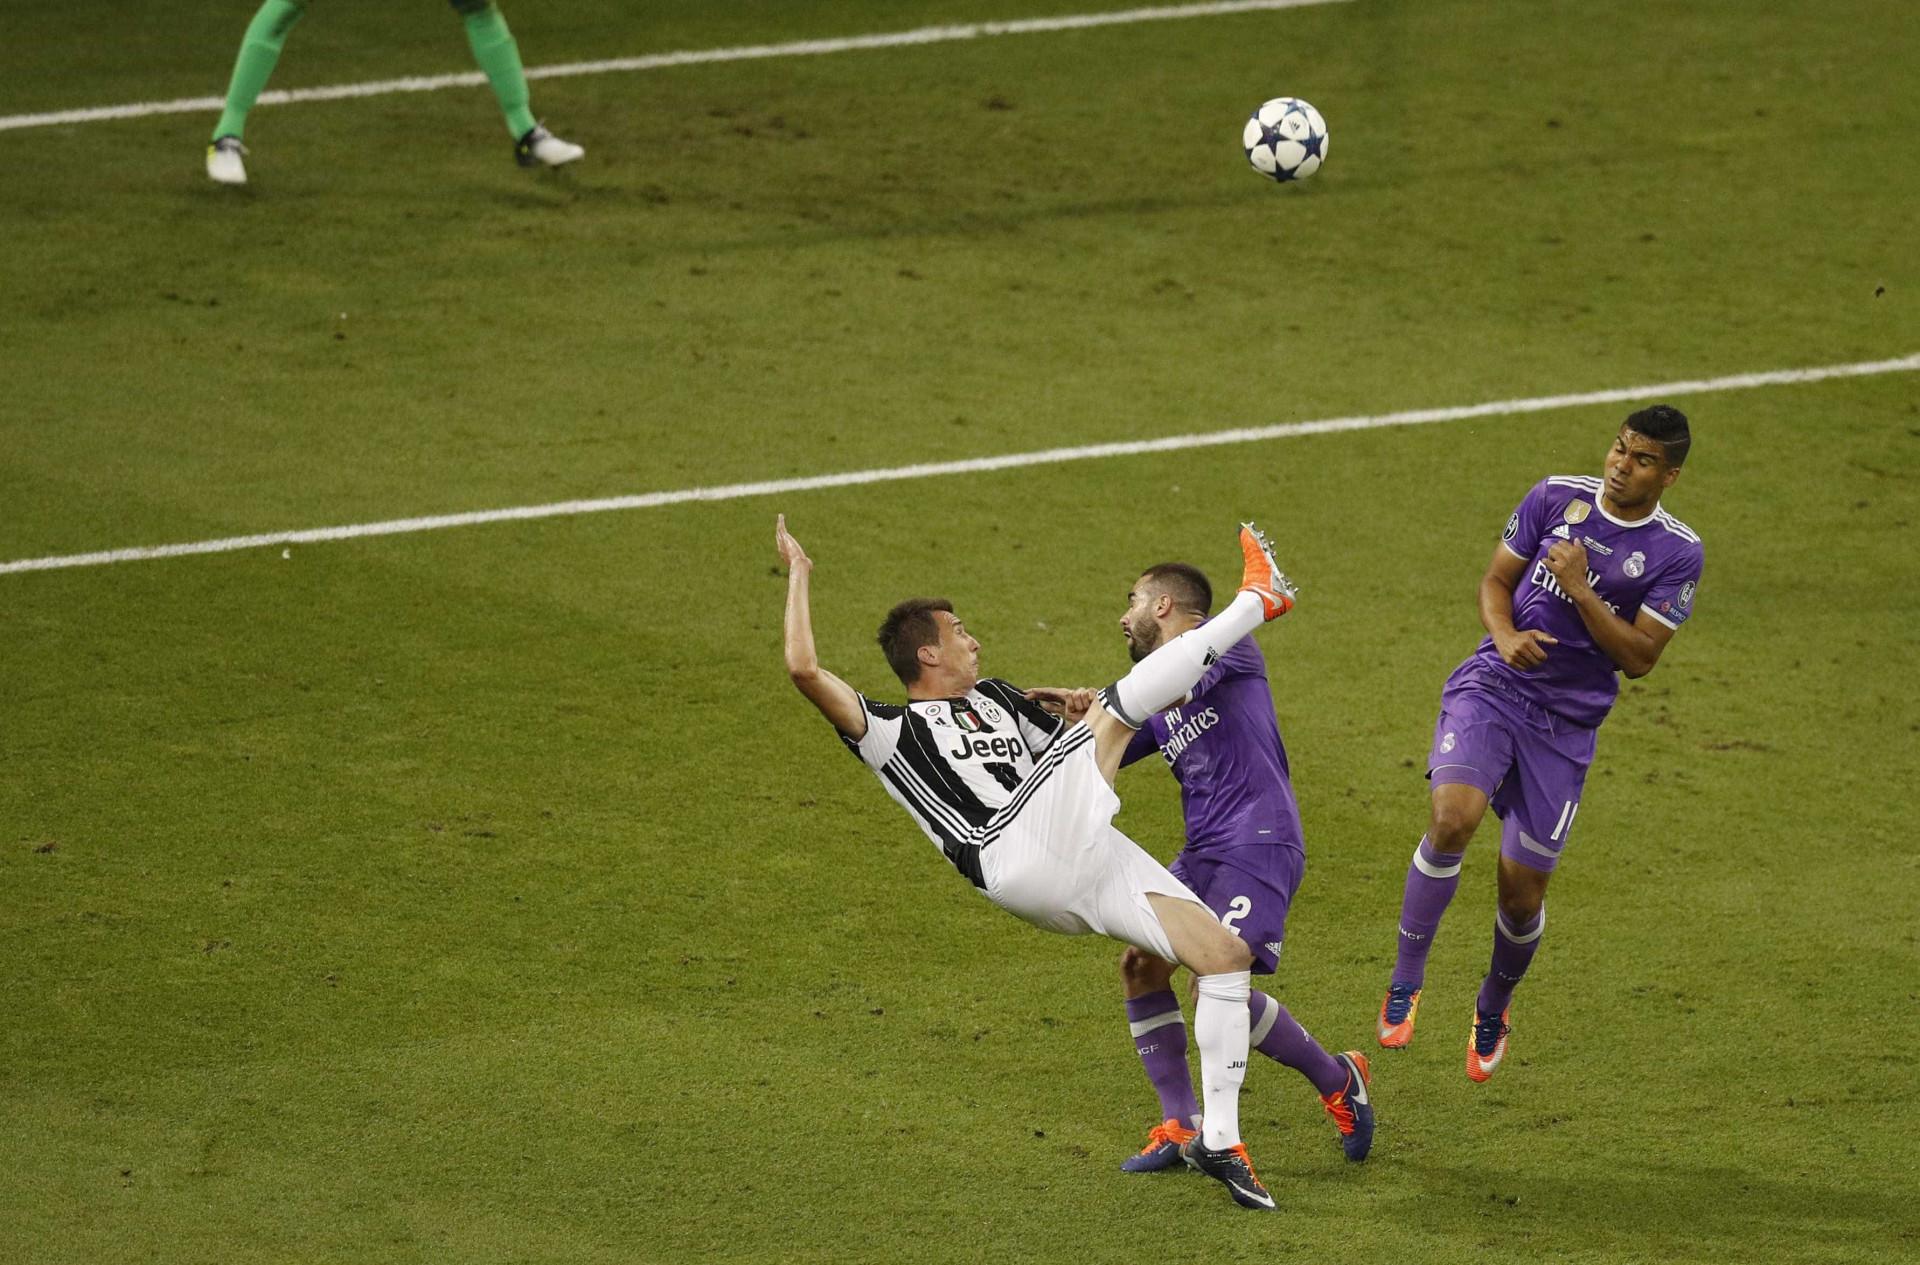 Goal: Cristiano Ronaldo eleito melhor jogador do mundo